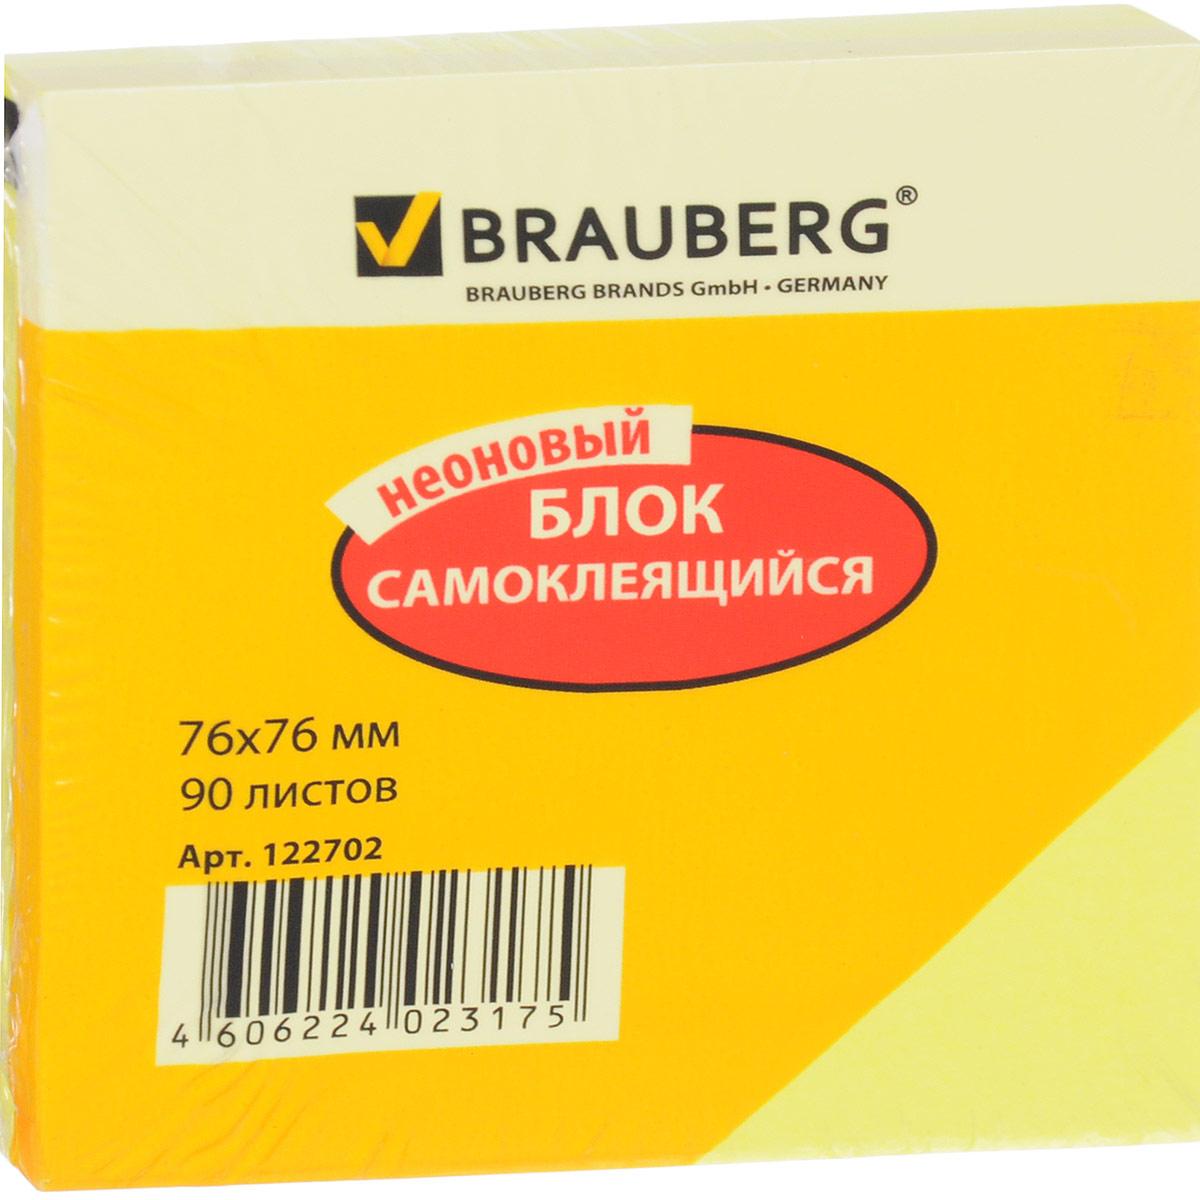 Brauberg Блок неоновый самоклеящийся цвет желтый 76 х 76 мм 90 листов